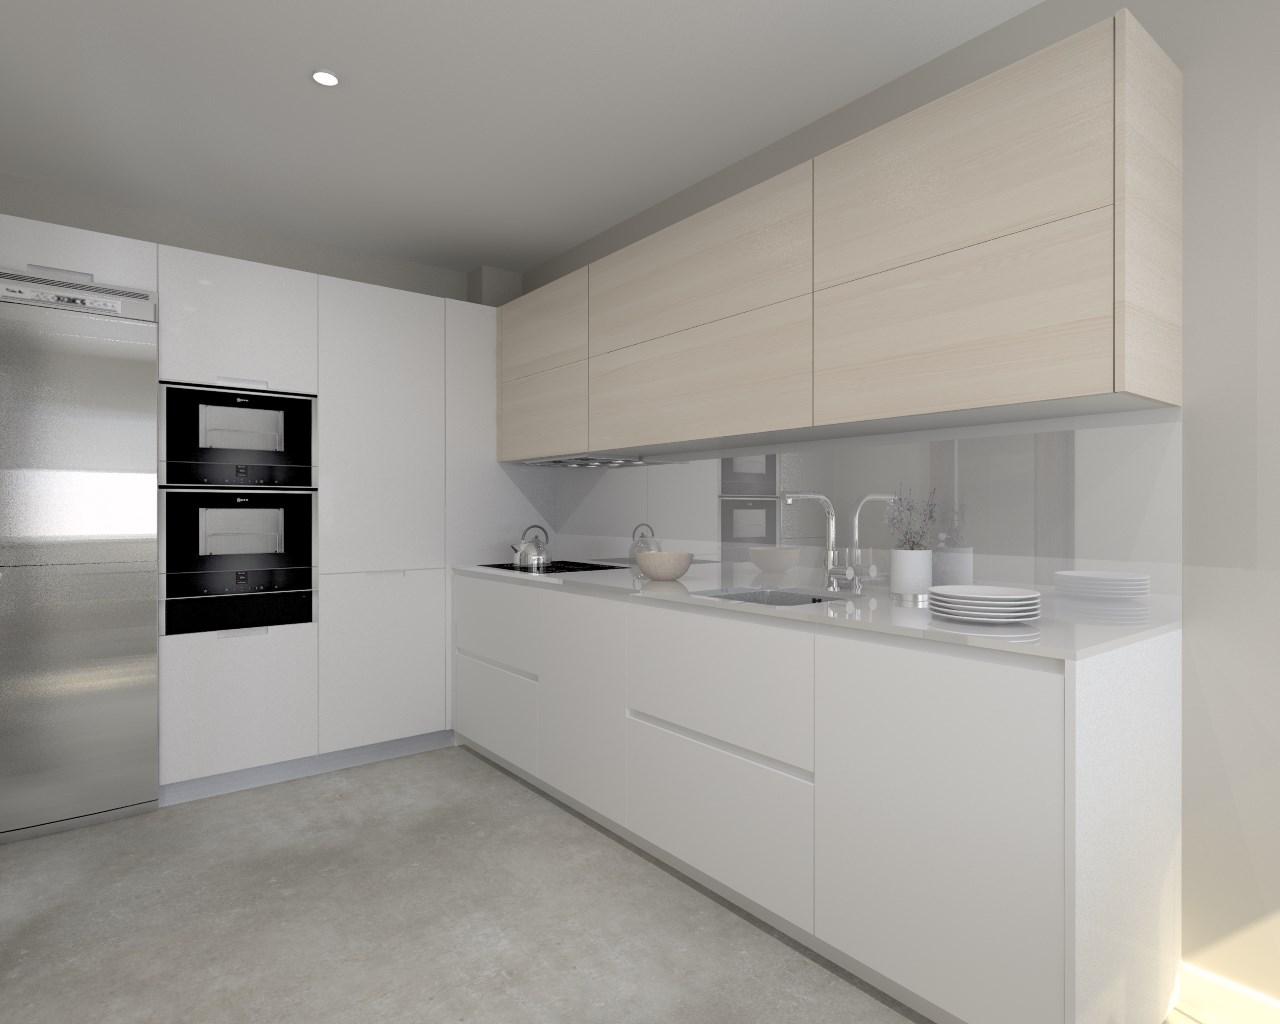 Cocina santos modelo minos laca color blanco seda mate - Muebles de cocina color blanco ...